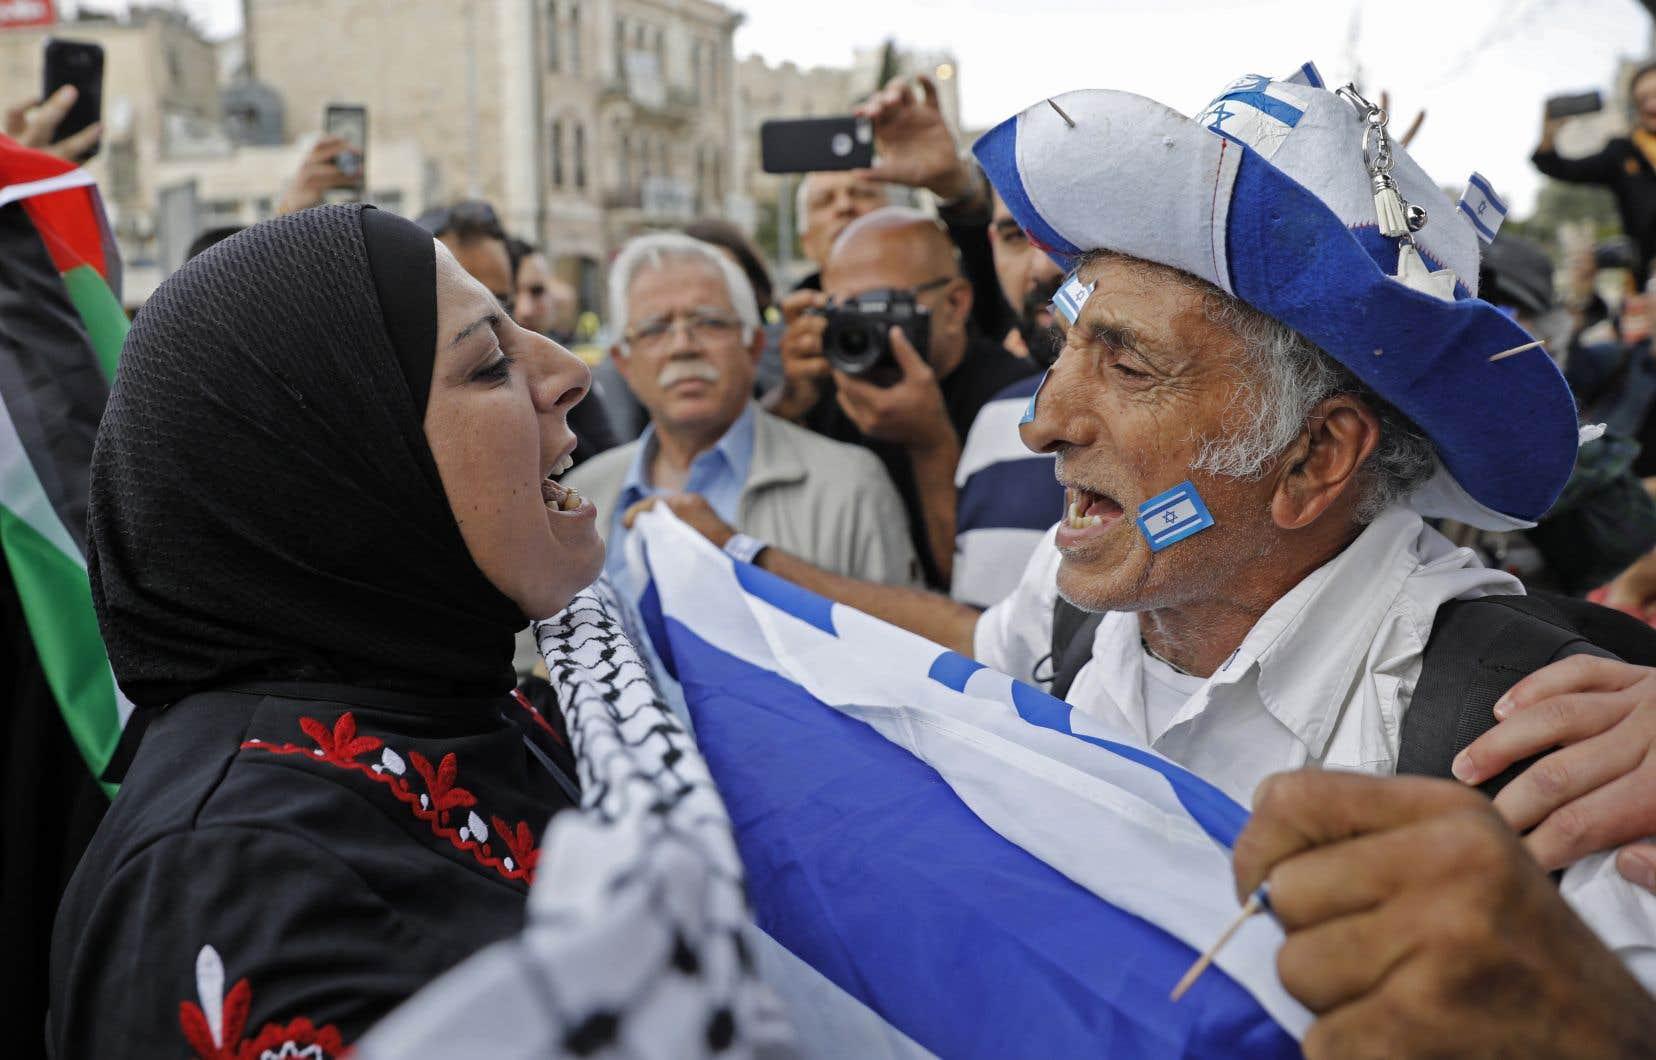 Une Palestinienne et un Israélien se confrontent lors des marches célébrant l'ouverture de l'ambassade des États-Unis à Jérusalem,